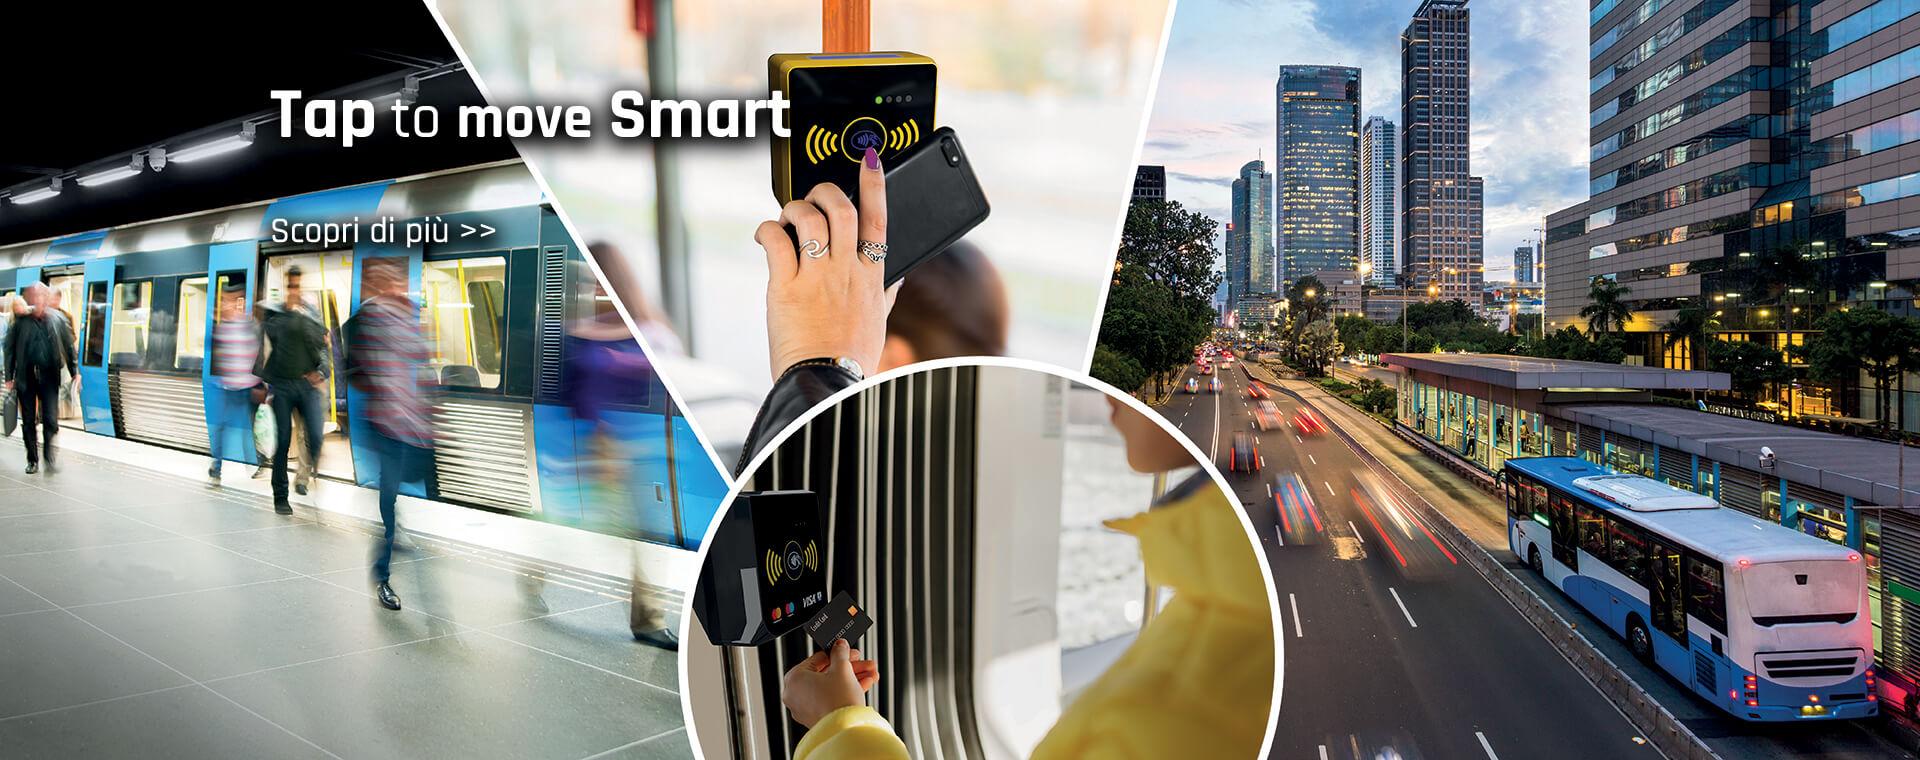 Tap to move smart, pagamenti digitali per la nuova mobilità